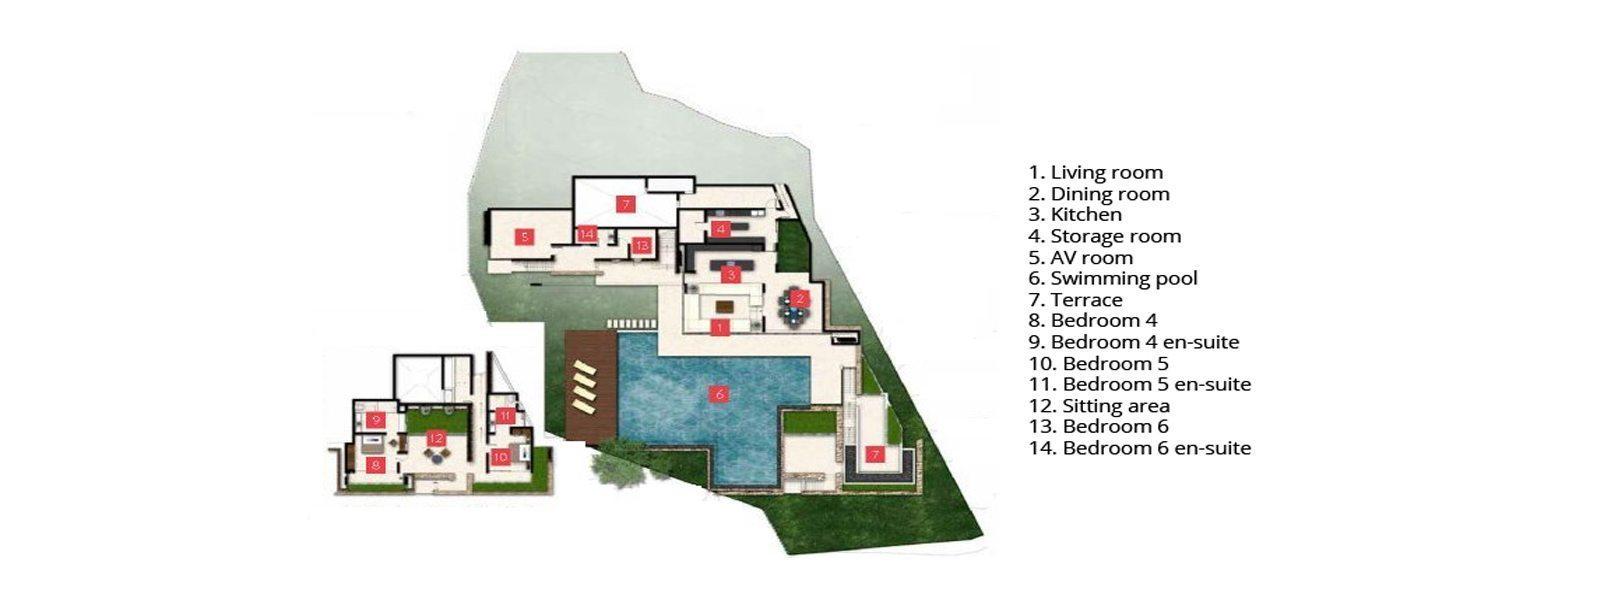 Samujana 20 Floorplan | Koh Samui, Thailand